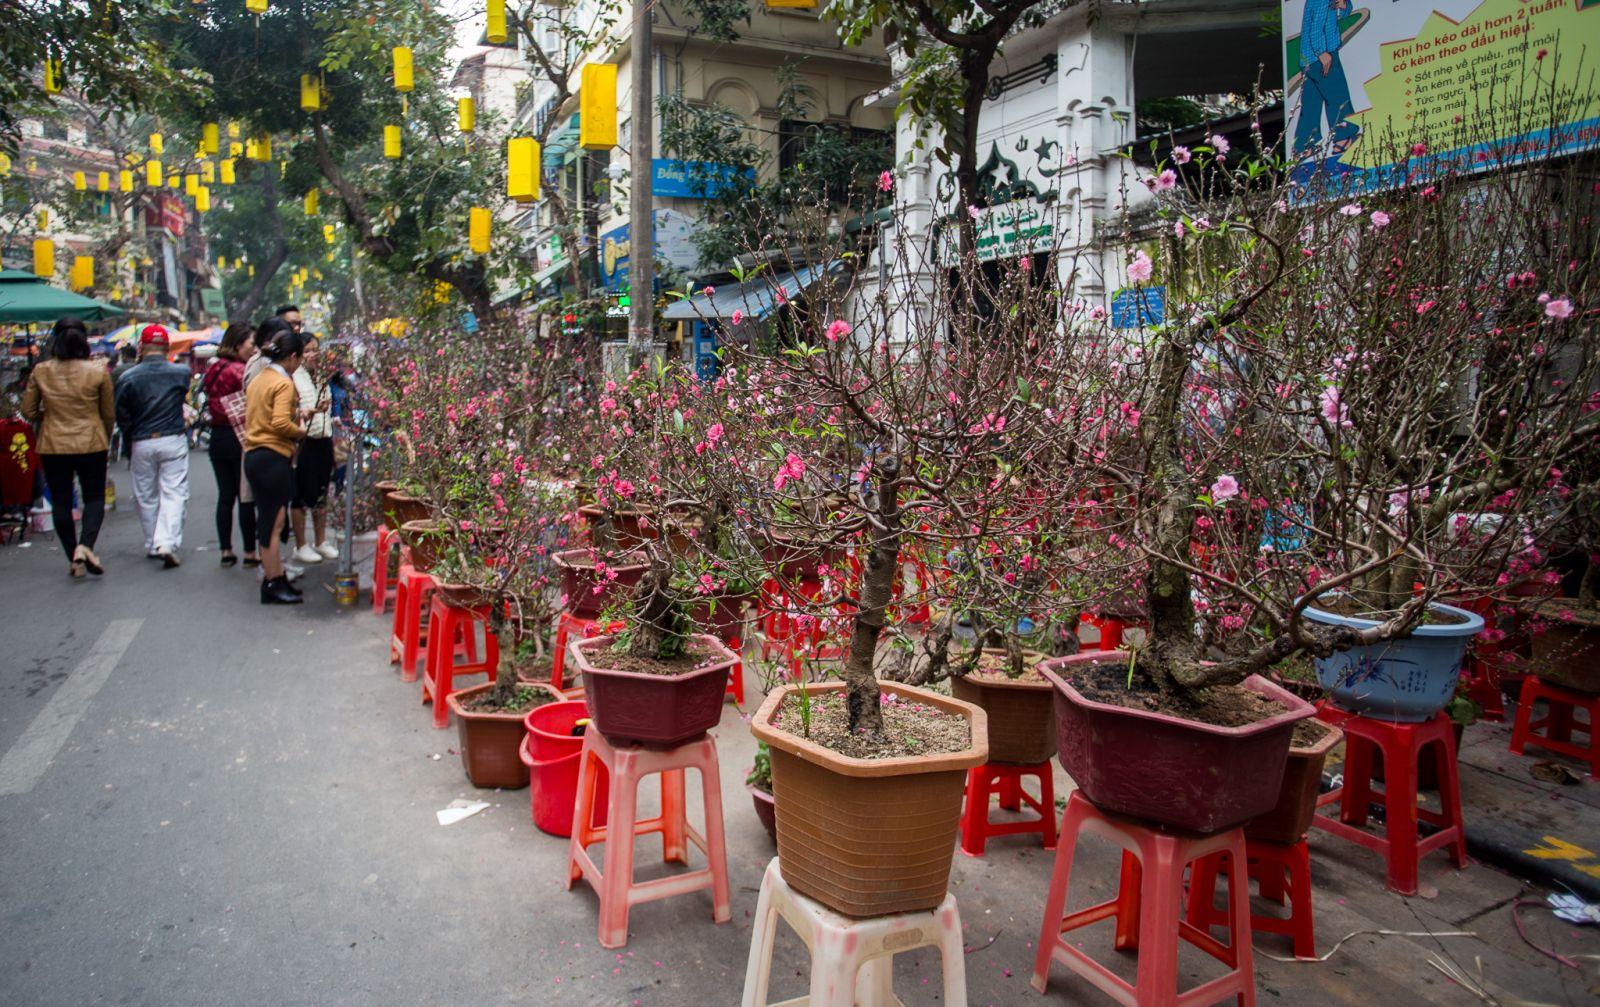 Nhiều năm nay, chợ hoa Hàng Lược chỉ tập trung bán các loại đào quất có độ lớn vừa phải theo nhu cầu của người mua. Rất nhiều người dân đi chợ hoa không chỉ để mua hoa mà còn để tìm lại hương vị Tết Nguyên đán đặc biệt ở phố cổ Hà Nội.